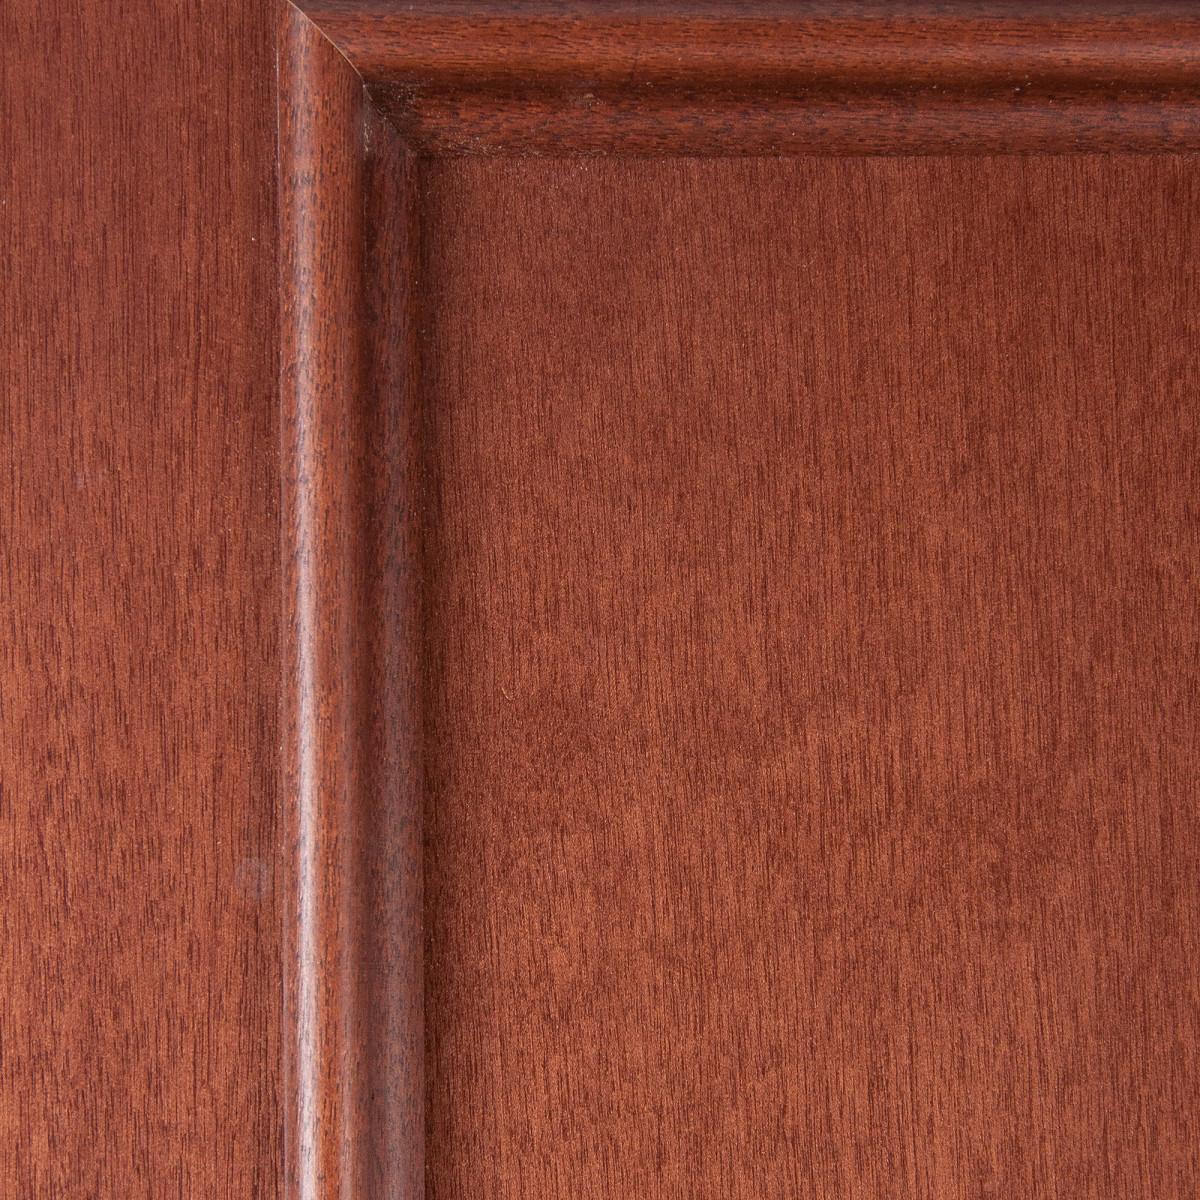 Дверь Межкомнатная Глухая Шпонированное Этерно 90x200 Цвет Итальянский Орех